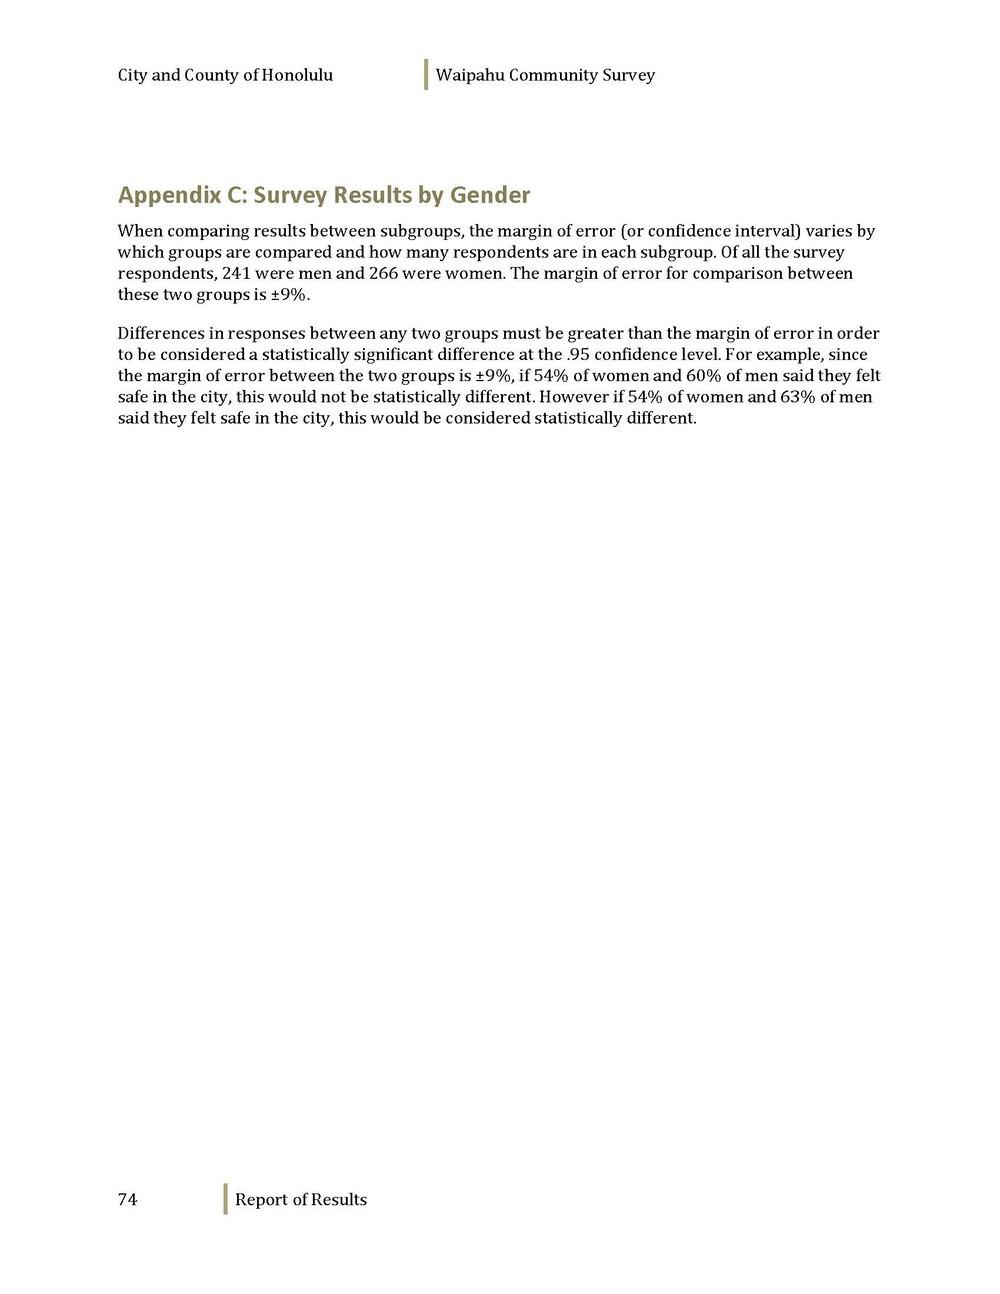 160608_WaipahuCommunitySurvey_Dec2012_Page_076.jpg